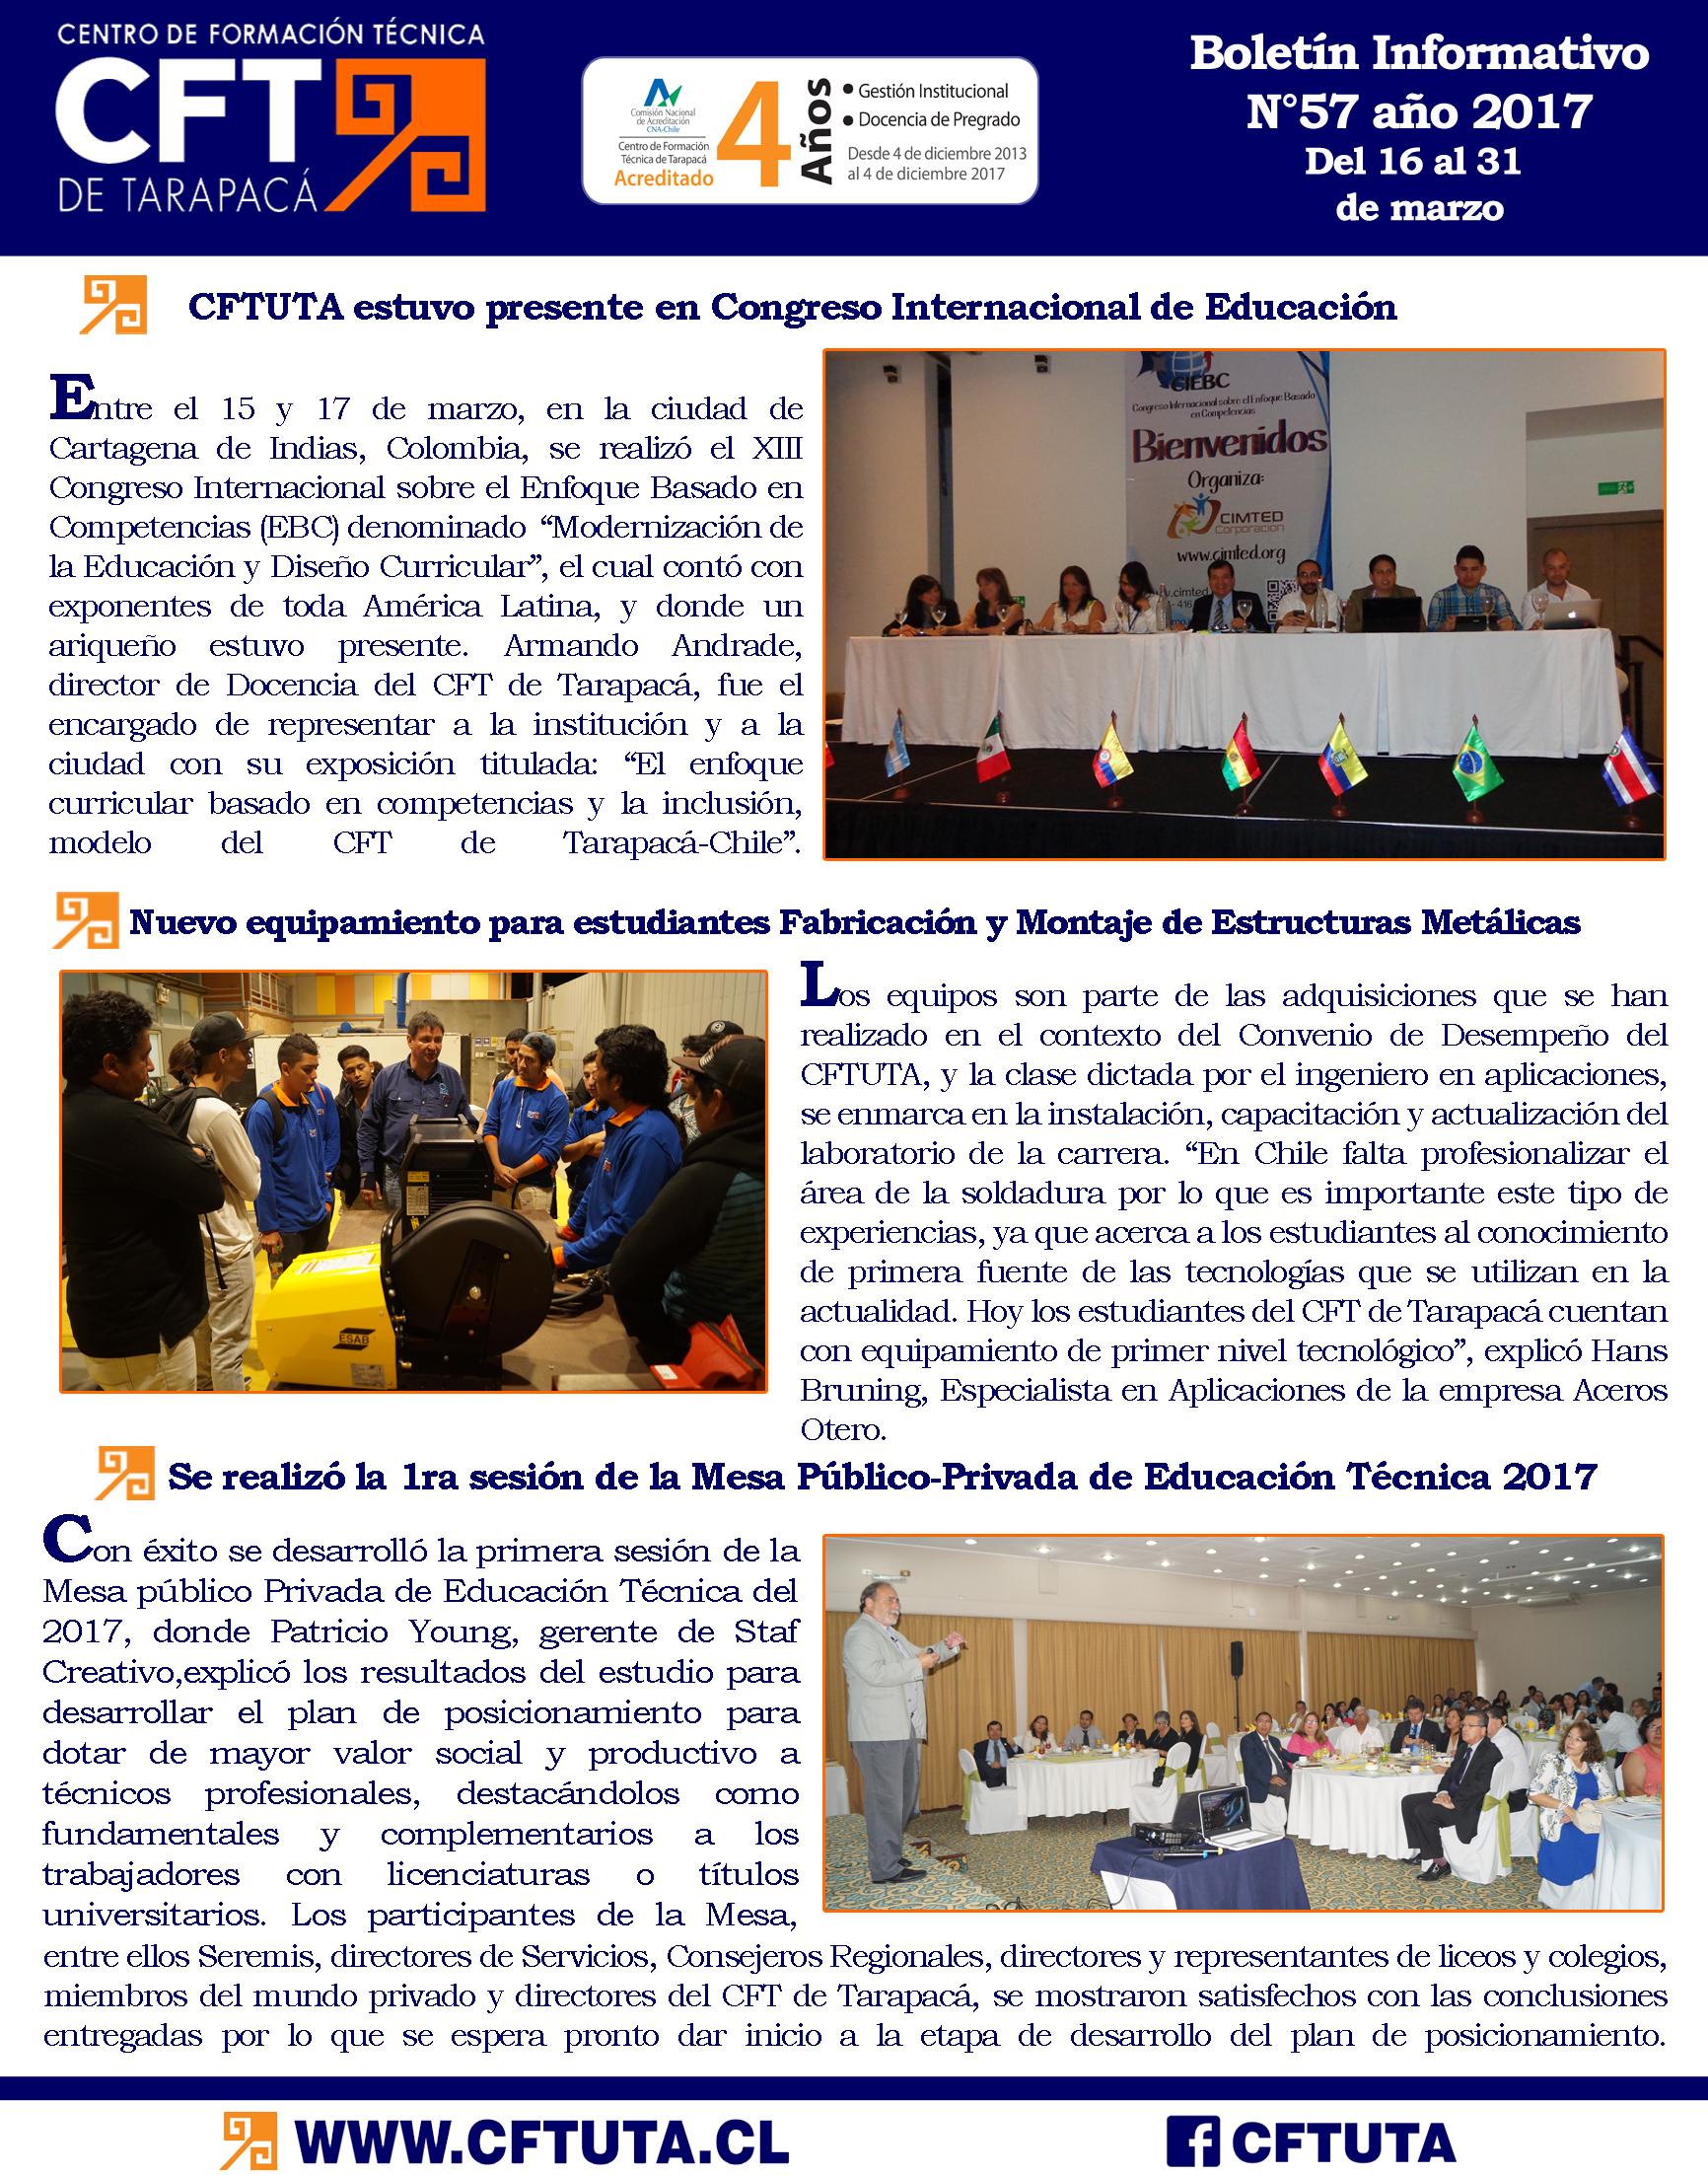 Boletín N°57 CFT de Tarapacá